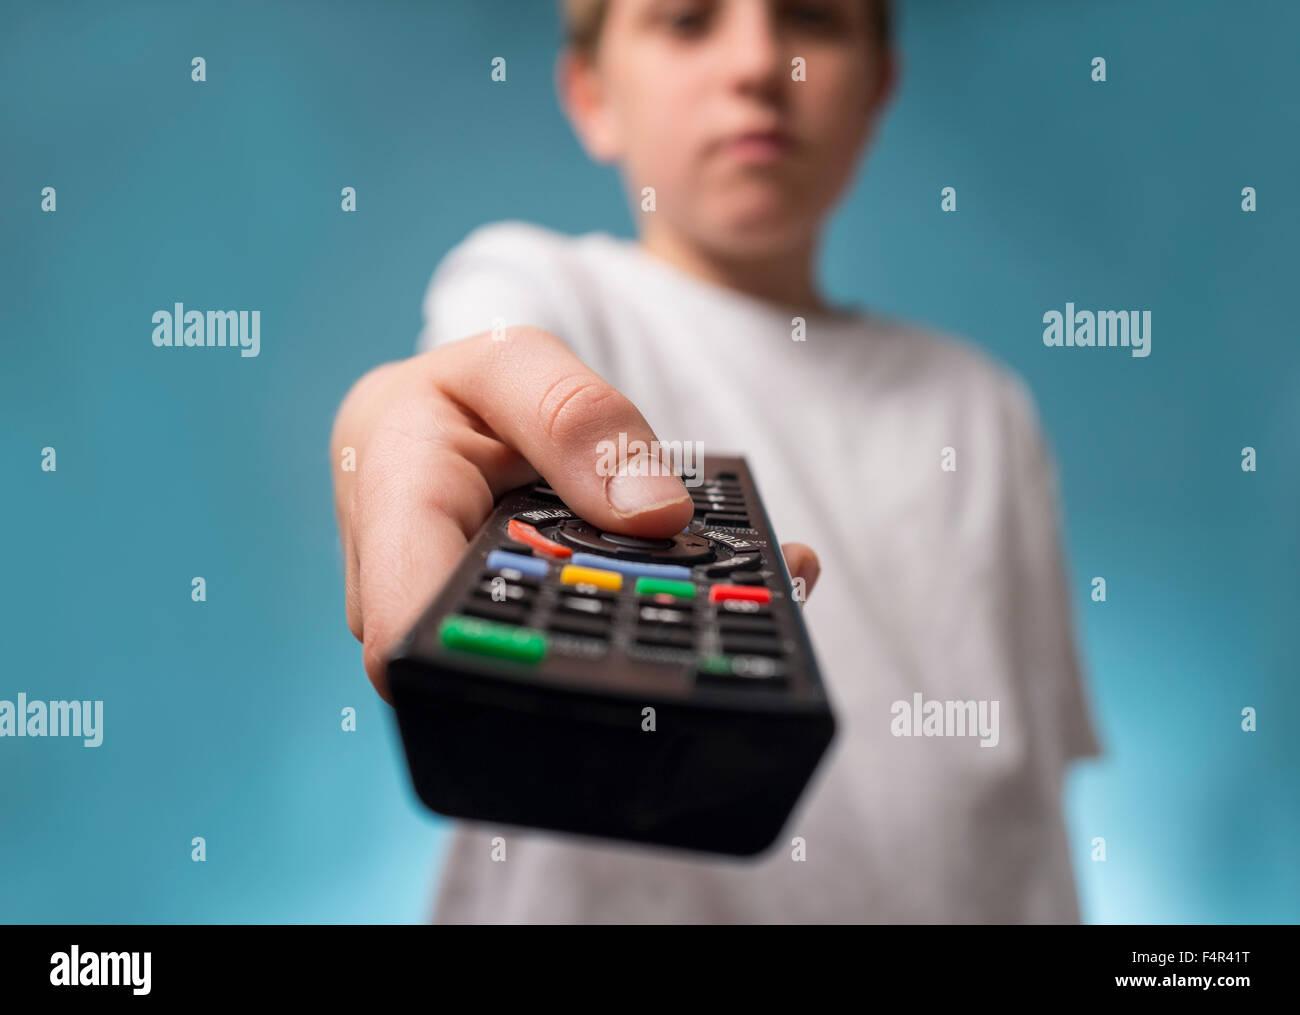 Um rapaz entediado mudando canais usando um controle remoto da TV Imagens de Stock